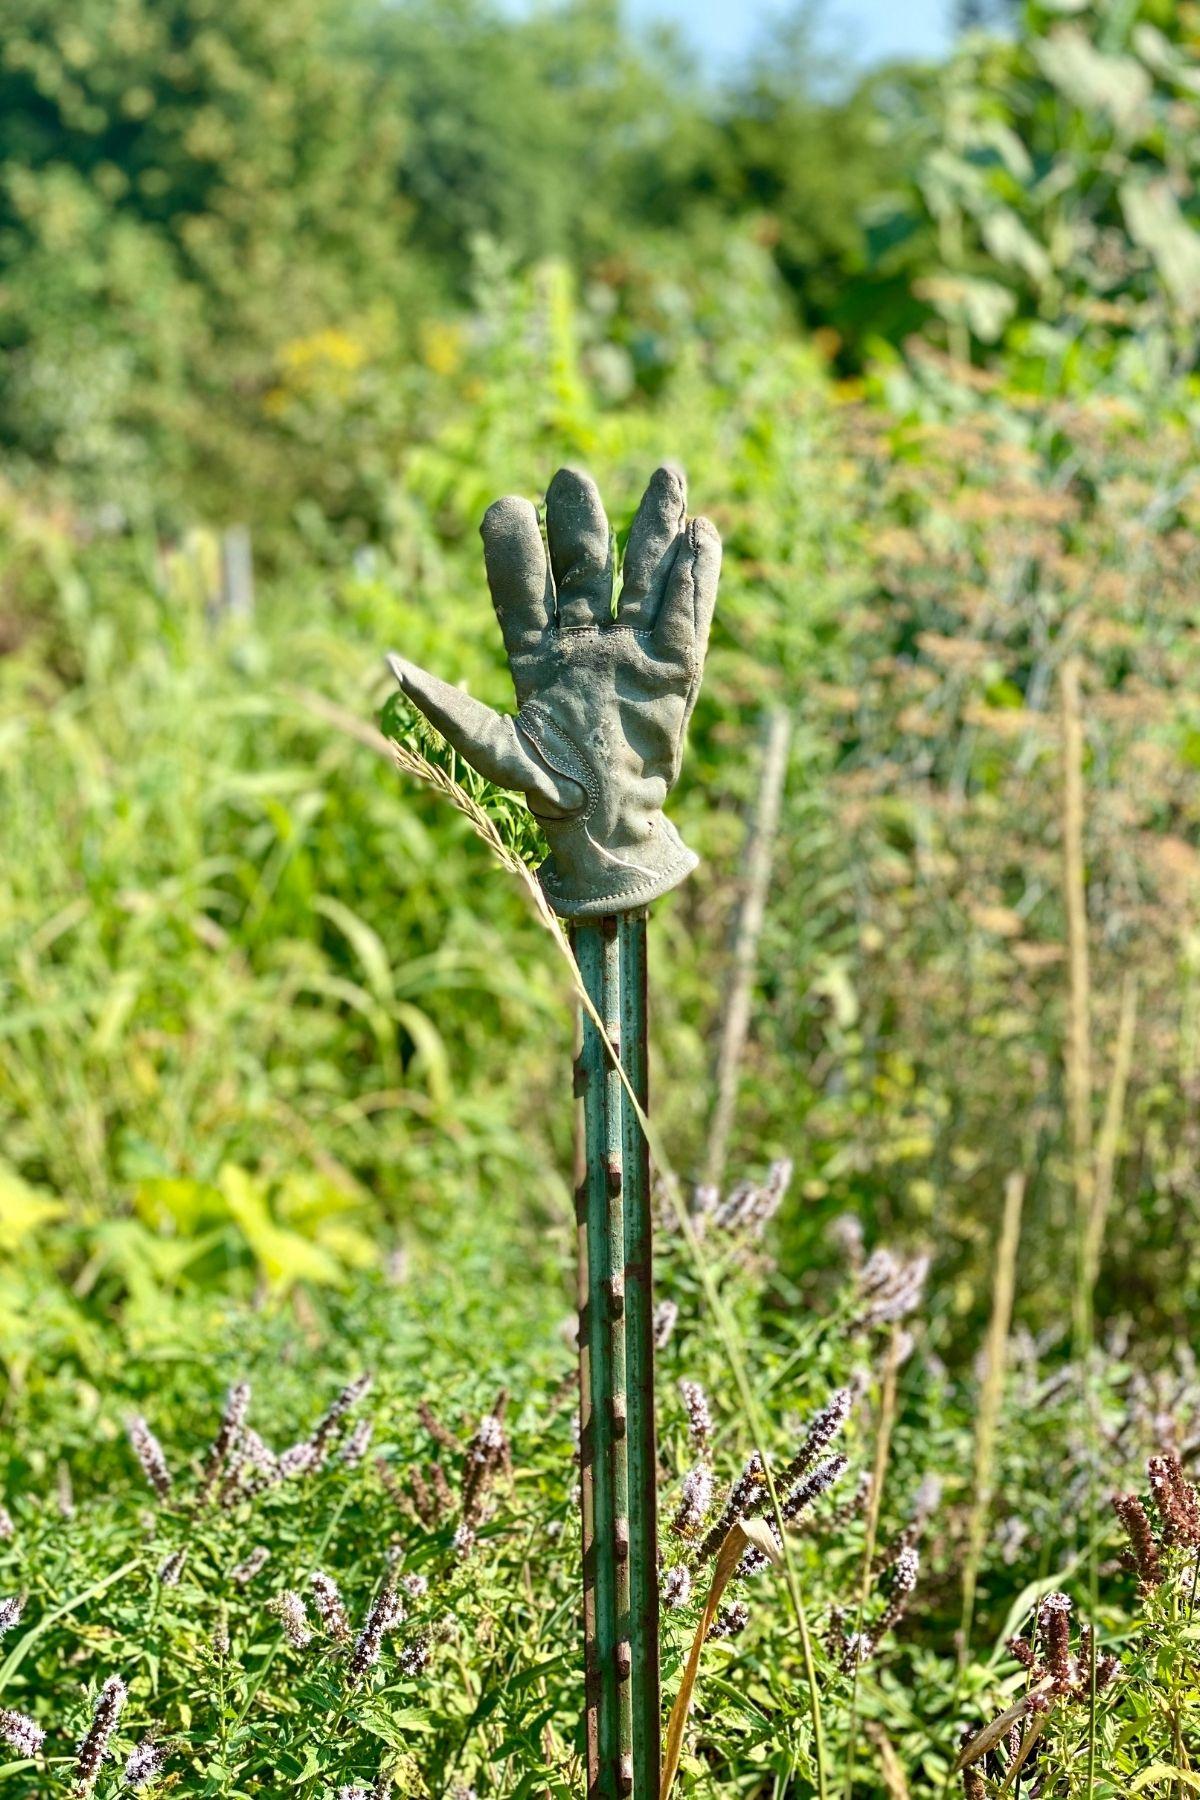 garden glove on stake